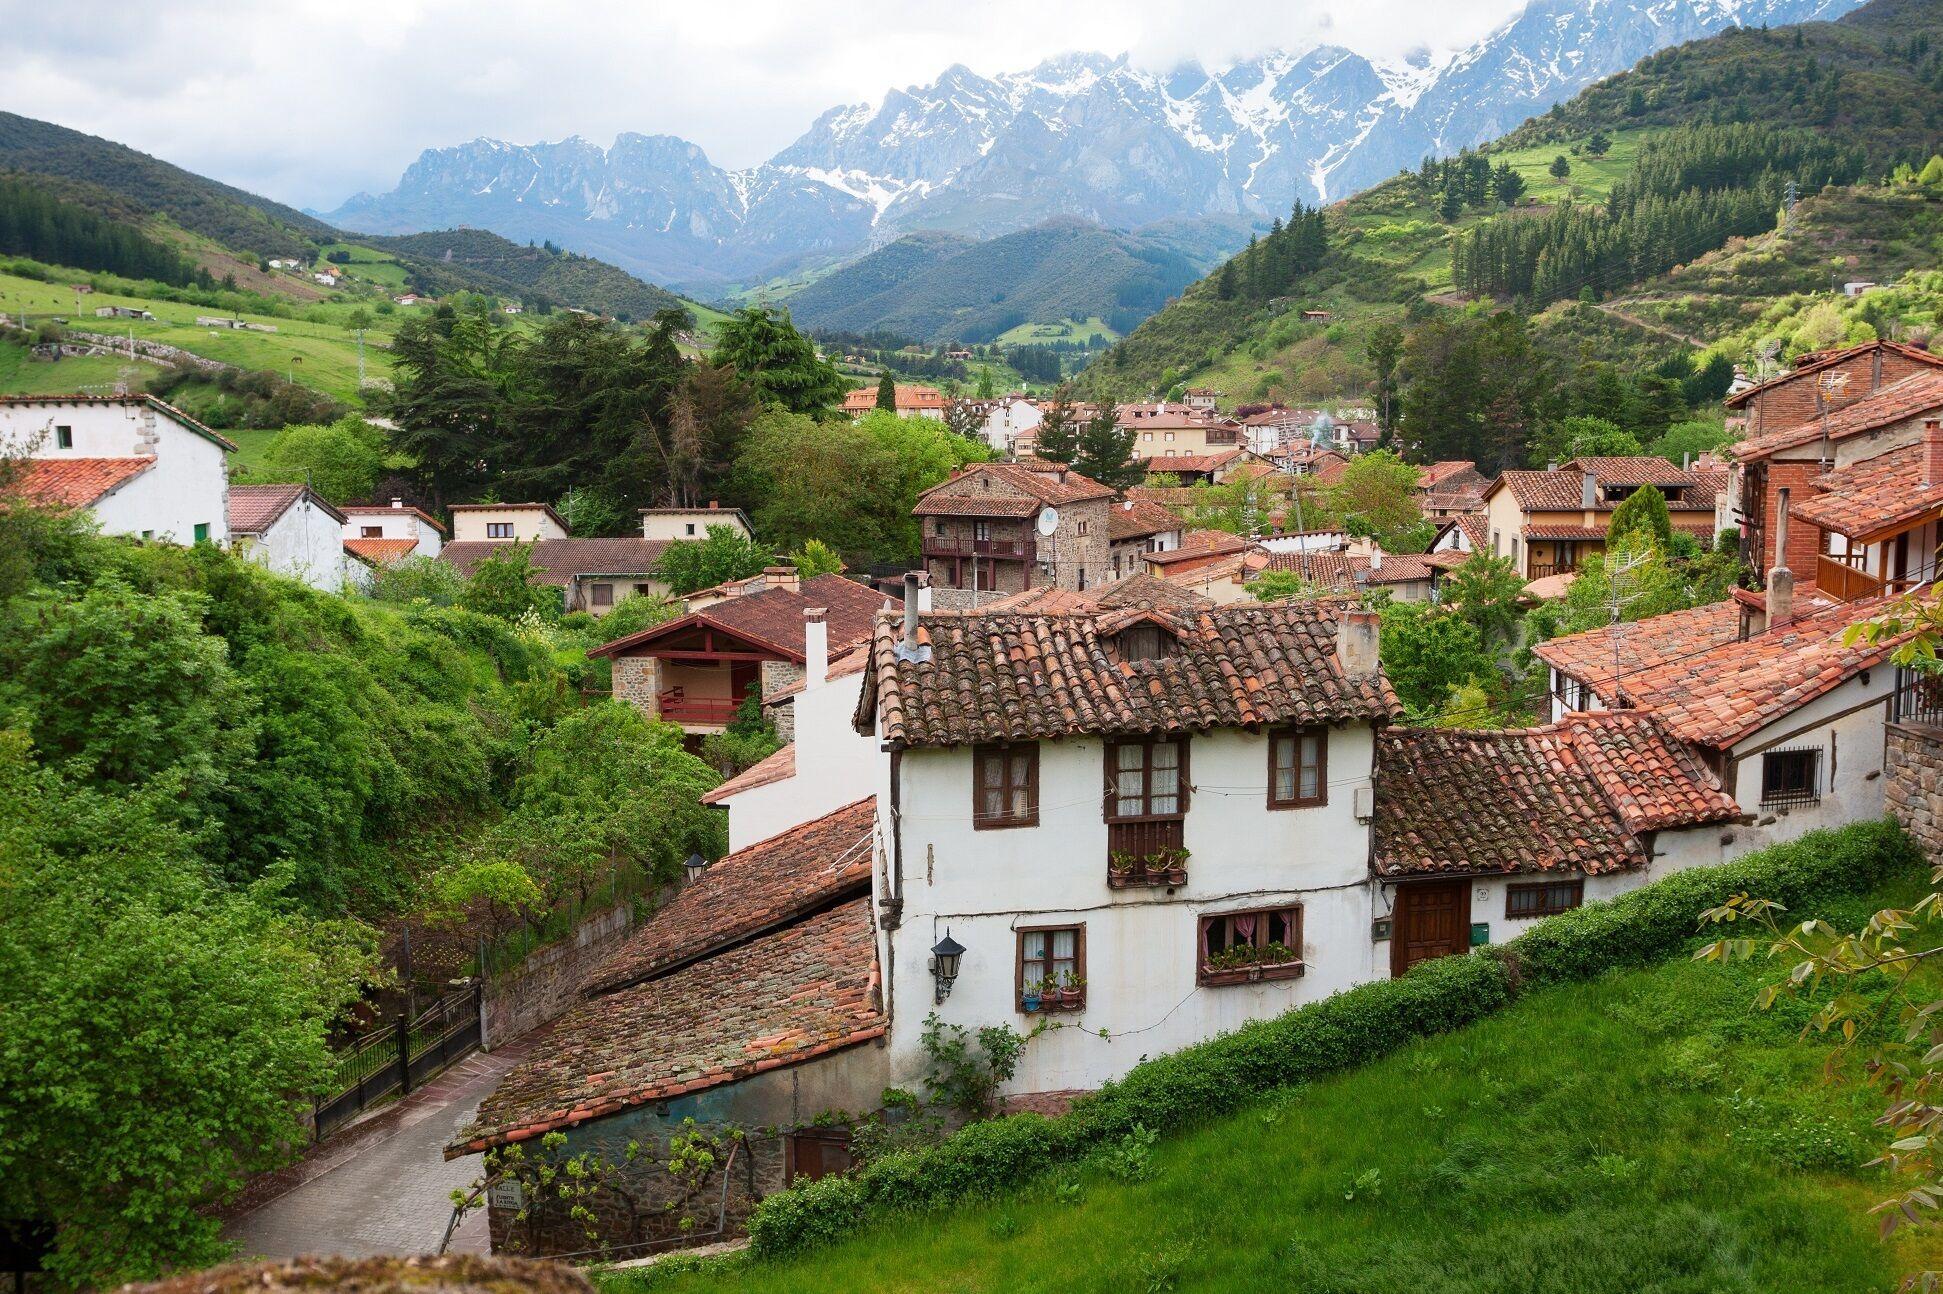 Los 10 Mejores Pueblos De España Para Pasar Un Fin De Semana Villas Marineras Medievales Encaramadas En Lo Otros Pl Spain Spain Travel Buying Property